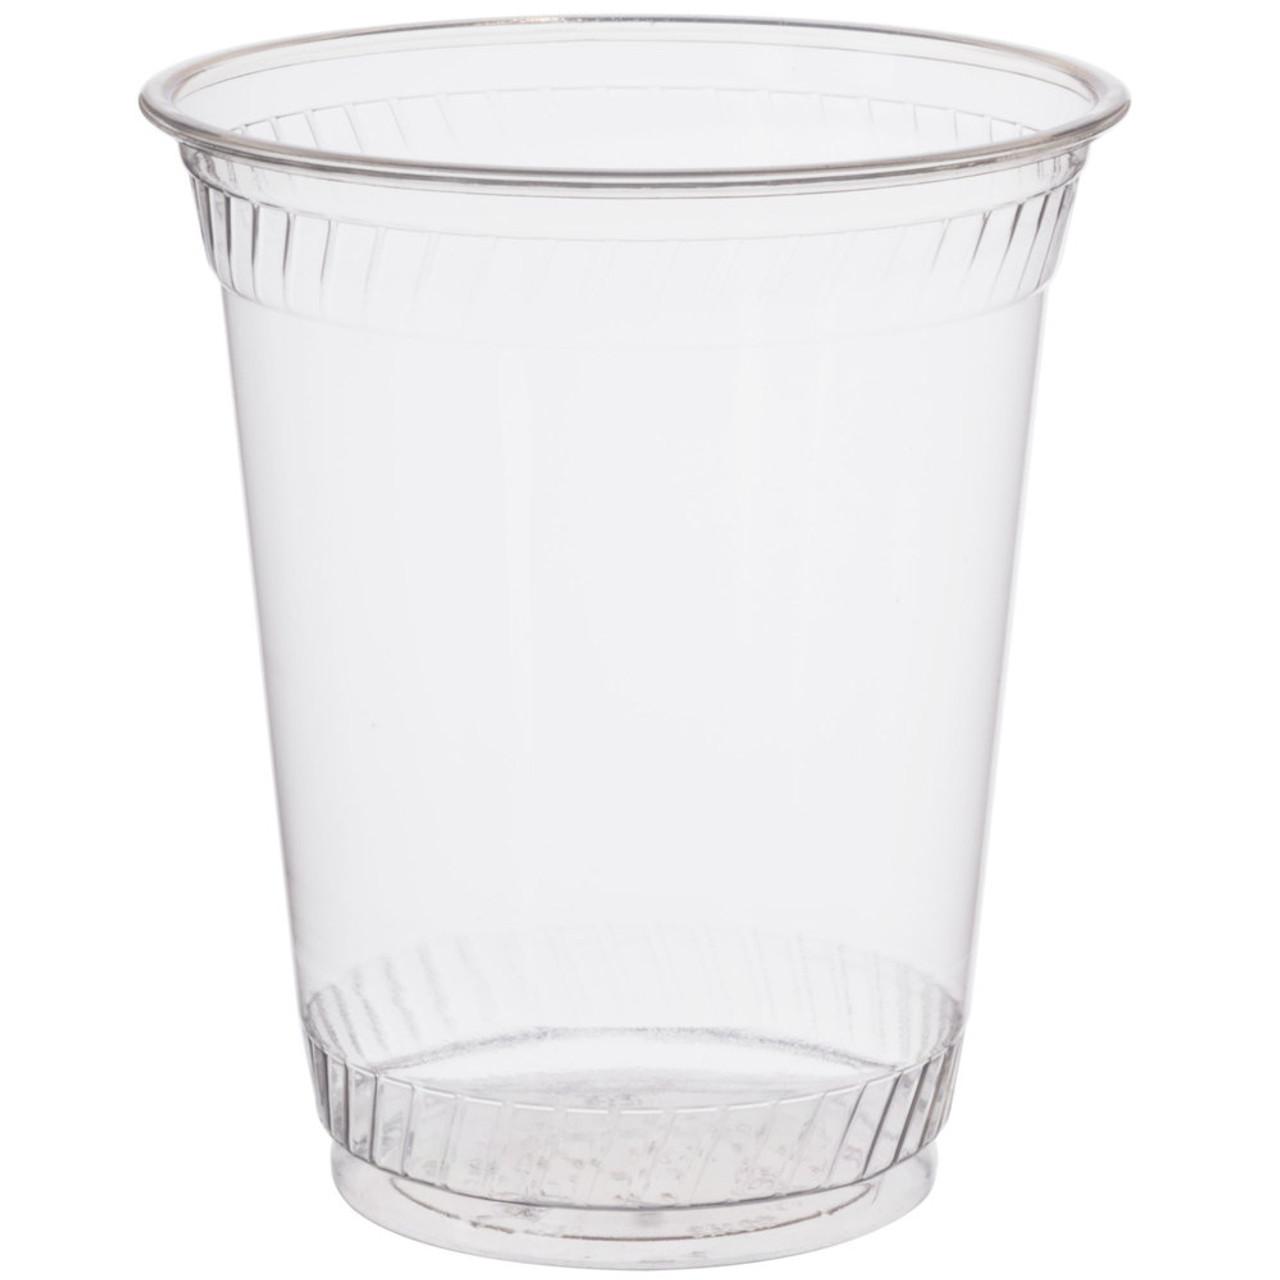 12oz Plain Greenware Cold Cup